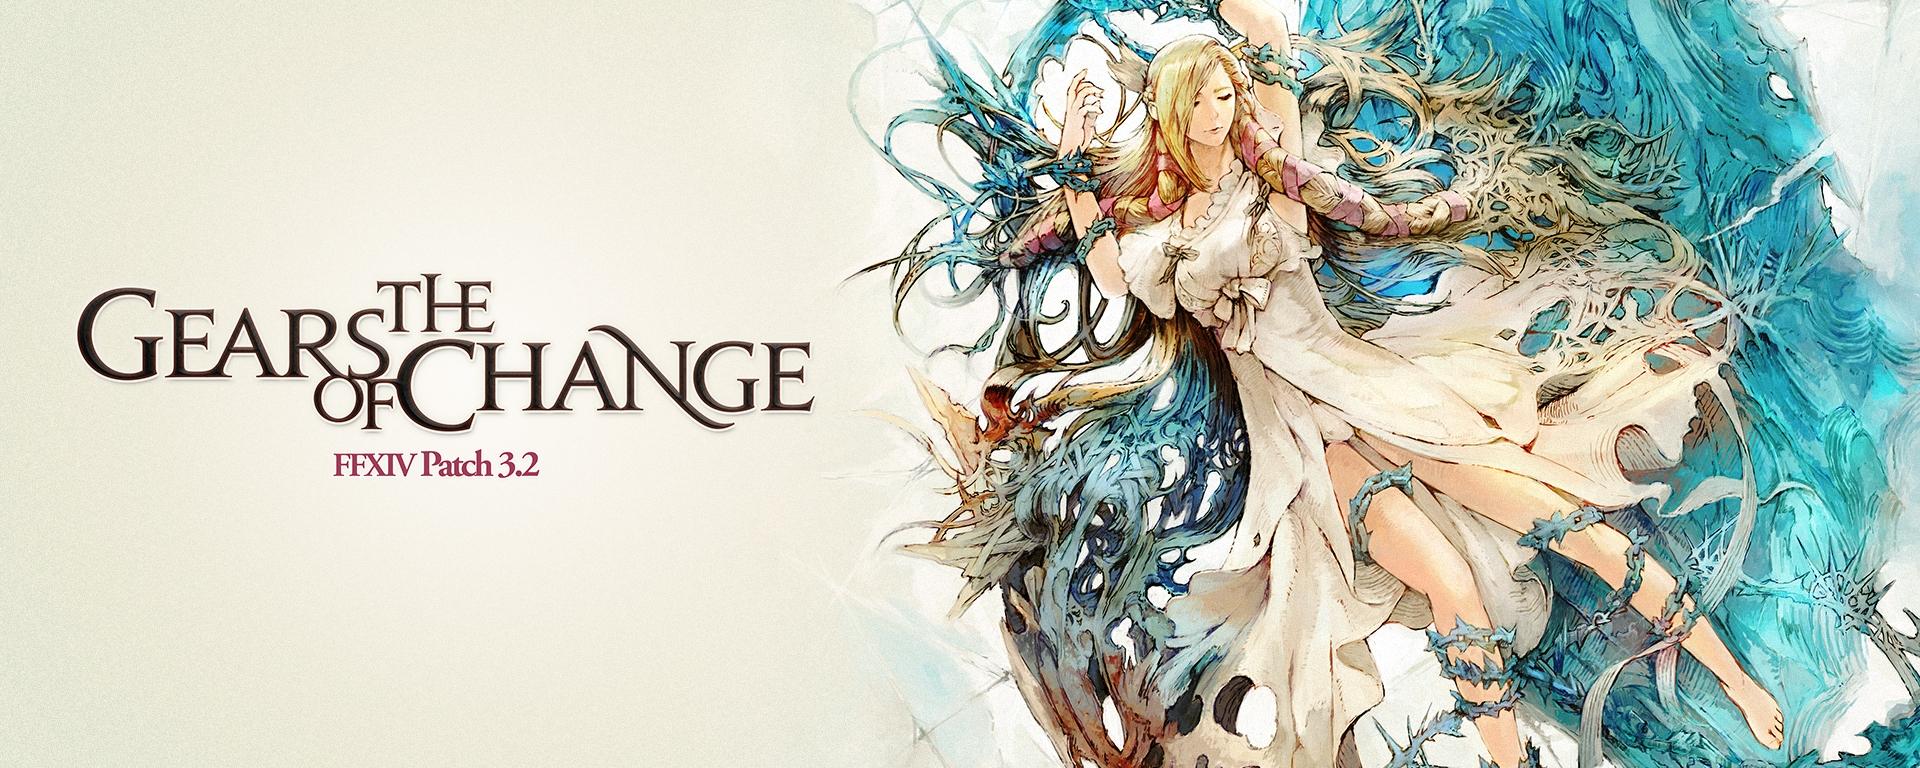 Music to My Ears: Fallen Angel (Final Fantasy XIV